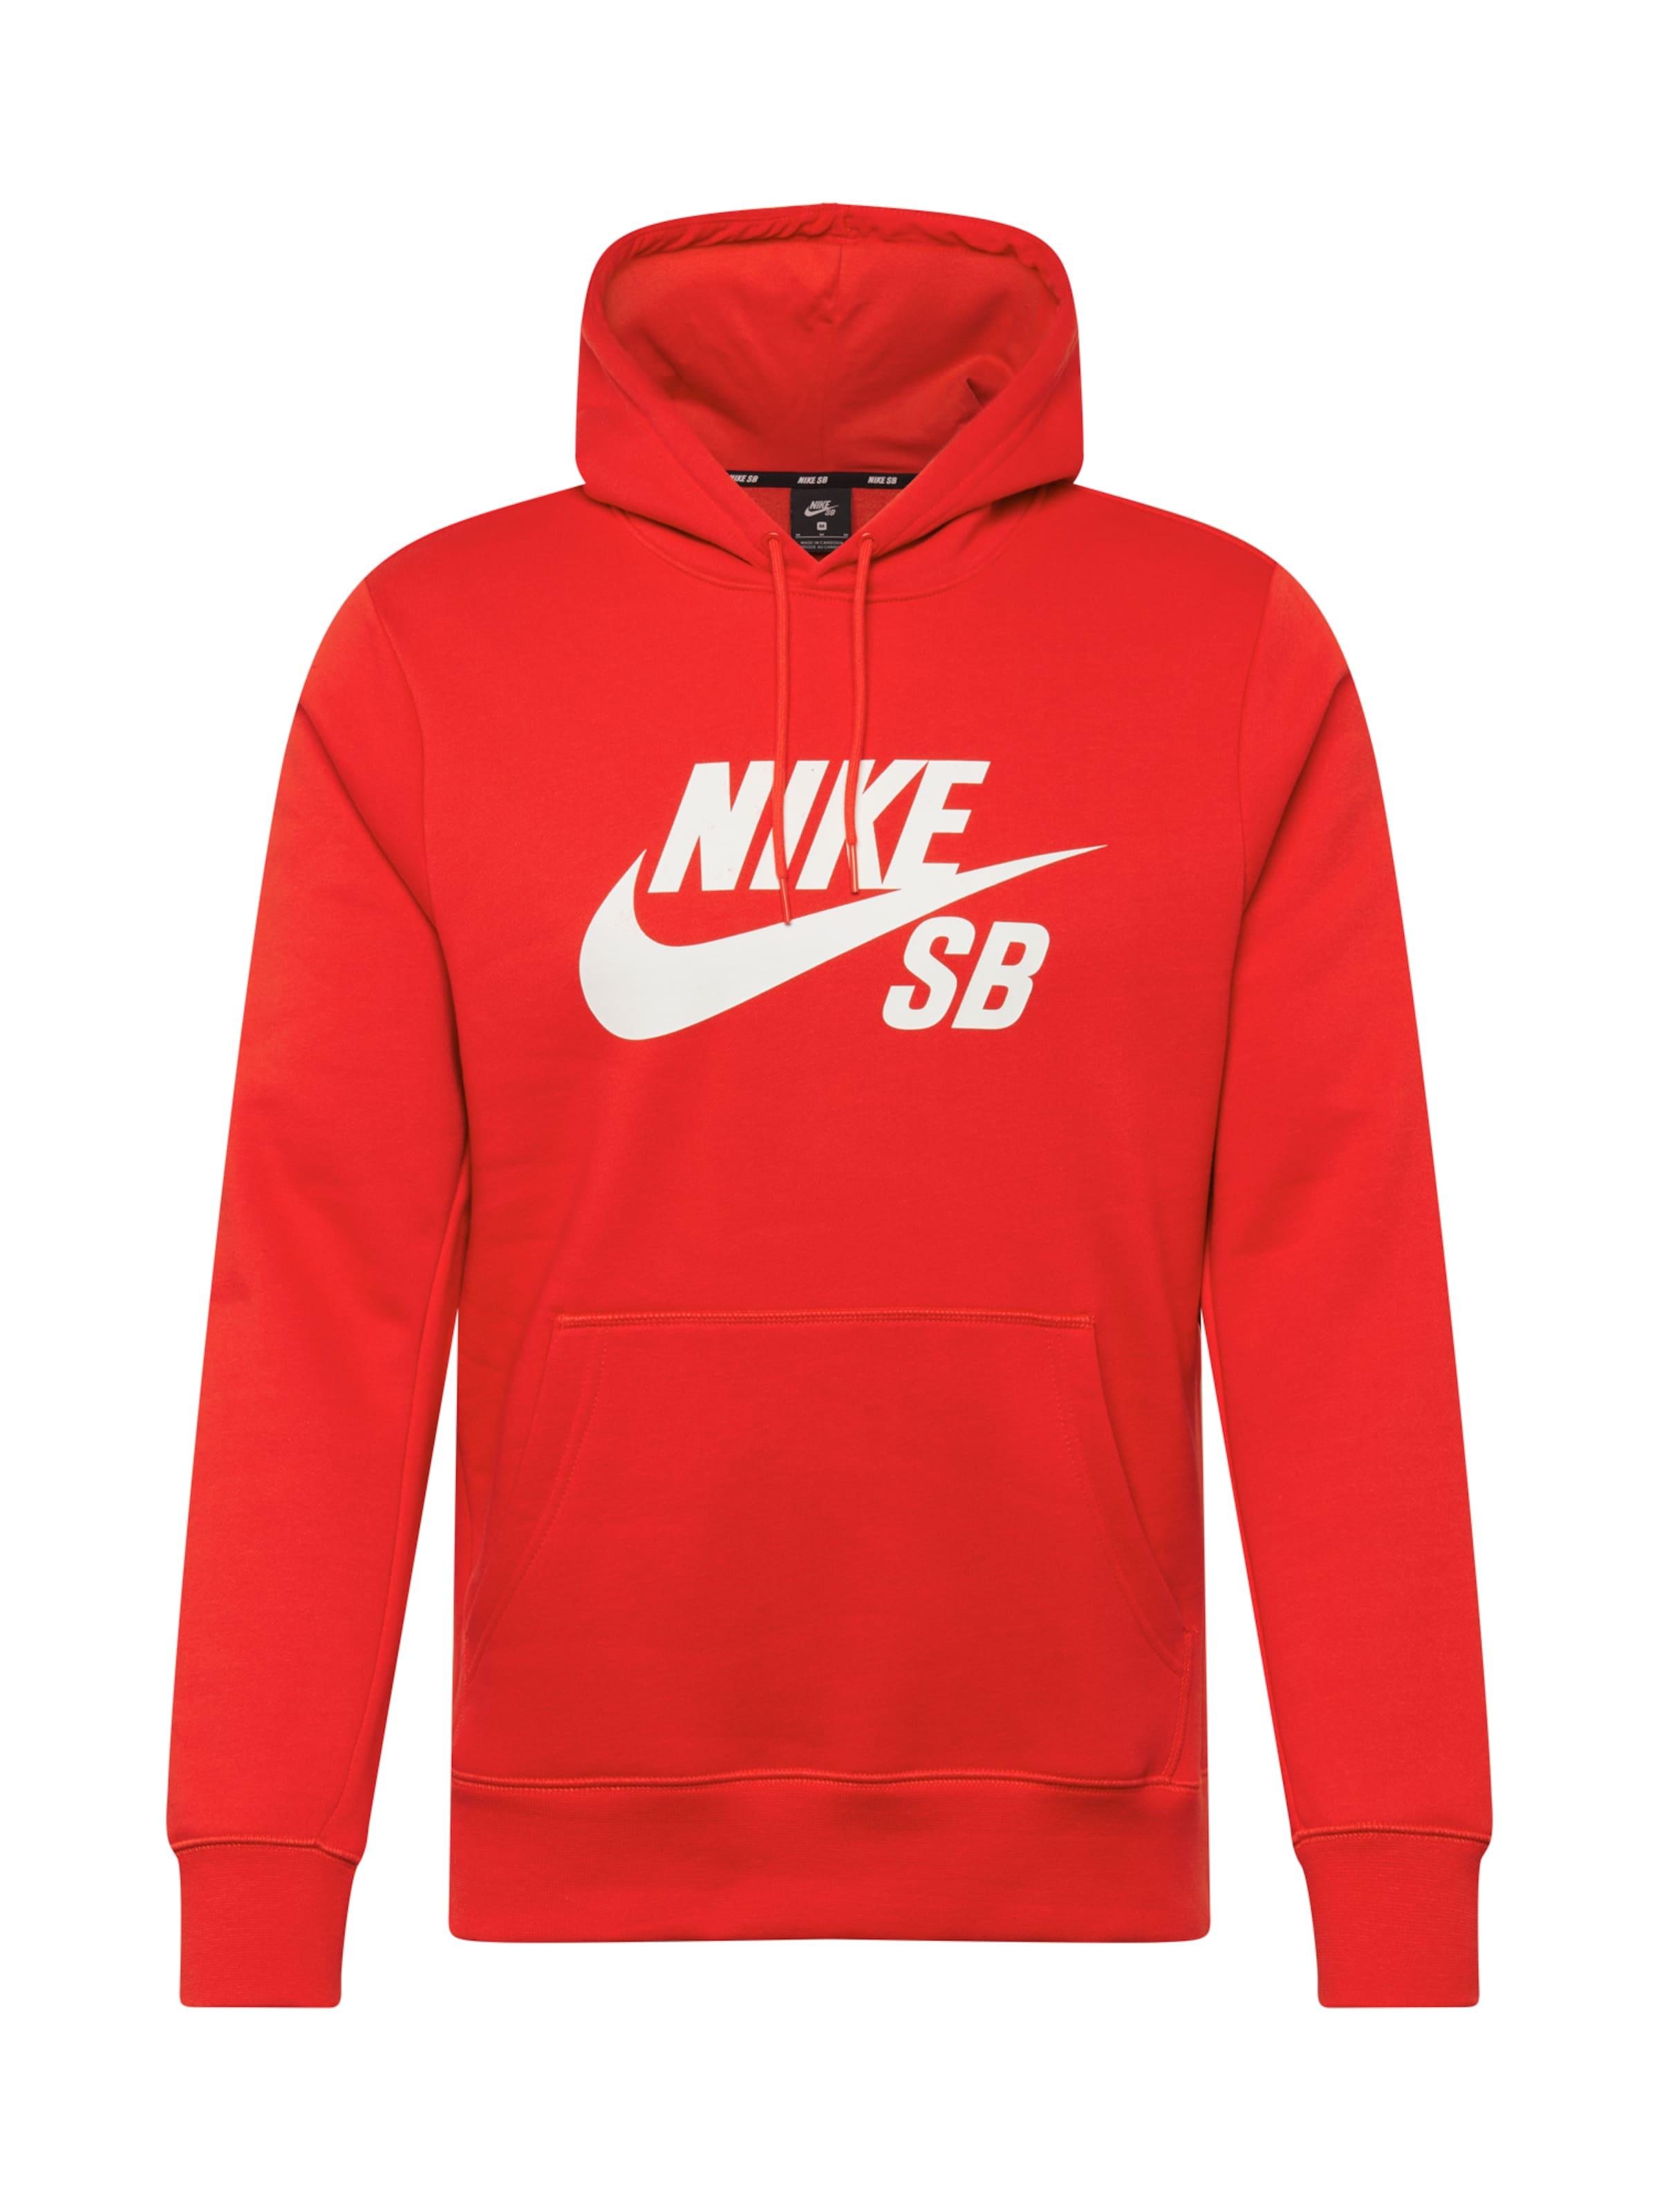 En Sweat Sb shirt RougeBlanc Nike DY9eW2EHI